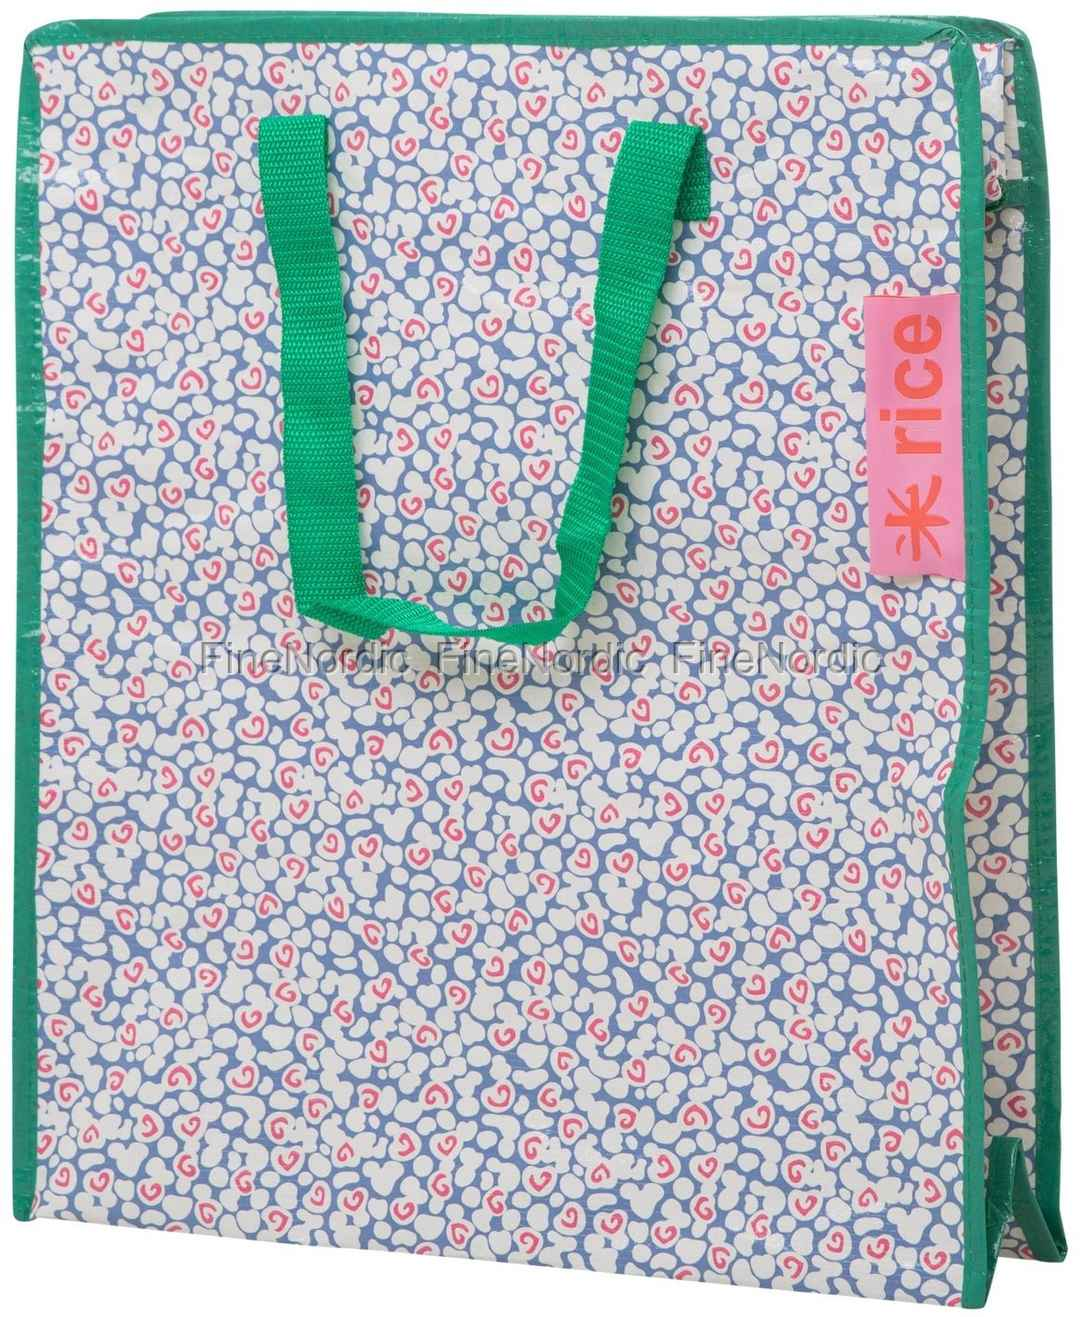 Spot Klein Mit Print Details Pp Rice Liquid Reißverschluss Grünen Tasche Gewebte Blau 4ALcjSRq35